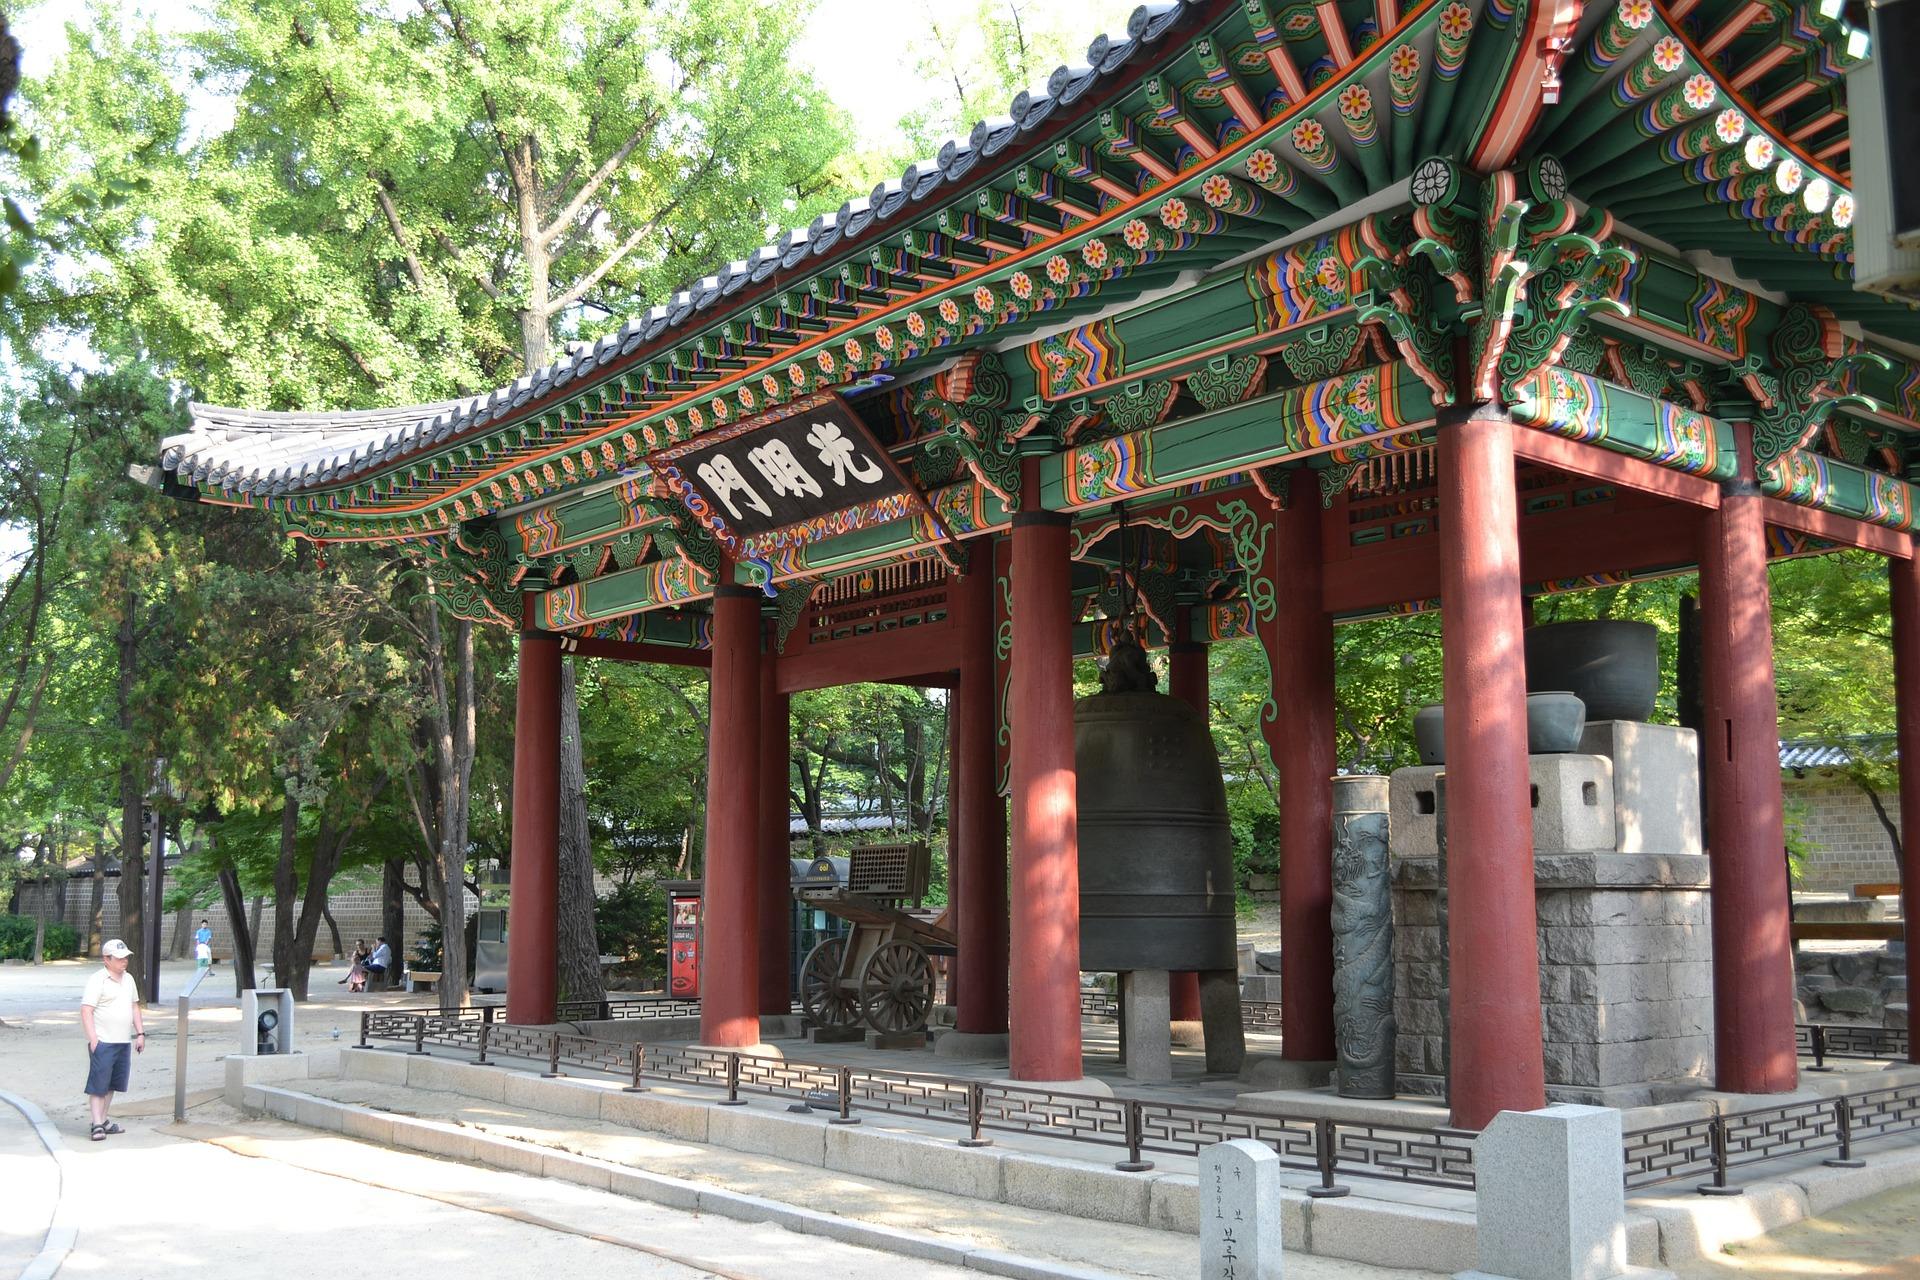 キムチチゲ〜御釜ご飯が美味しいヌルンジも大好きです。#韓国旅行 #お一人様ご飯 #キム...